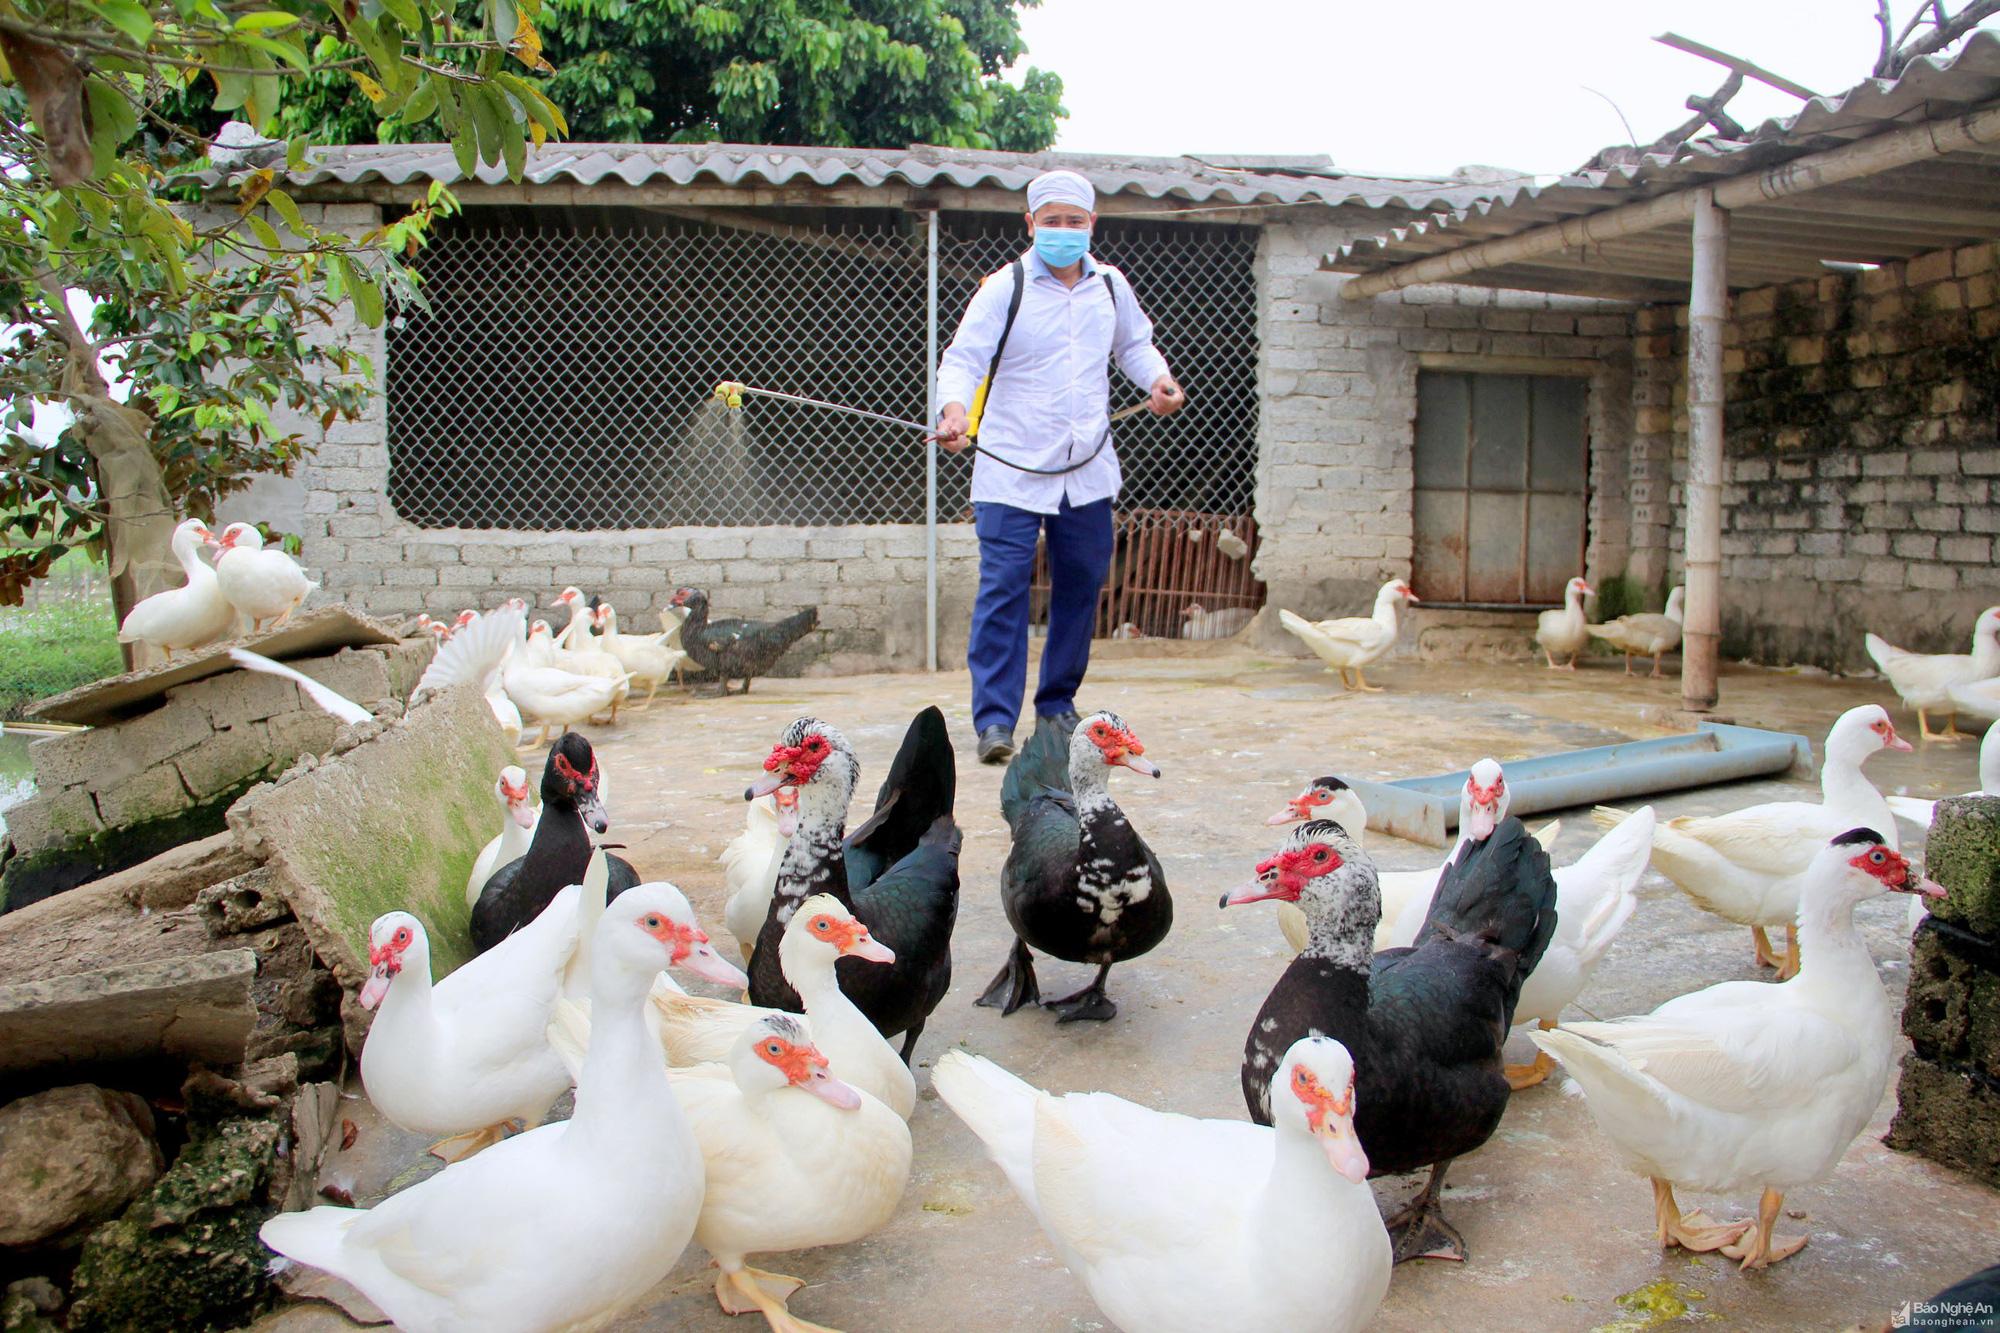 Xử lí nghiêm buôn lậu, vận chuyển gia cầm trái phép phòng cúm A/H5N1 từ Trung Quốc vào Việt Nam - Ảnh 1.